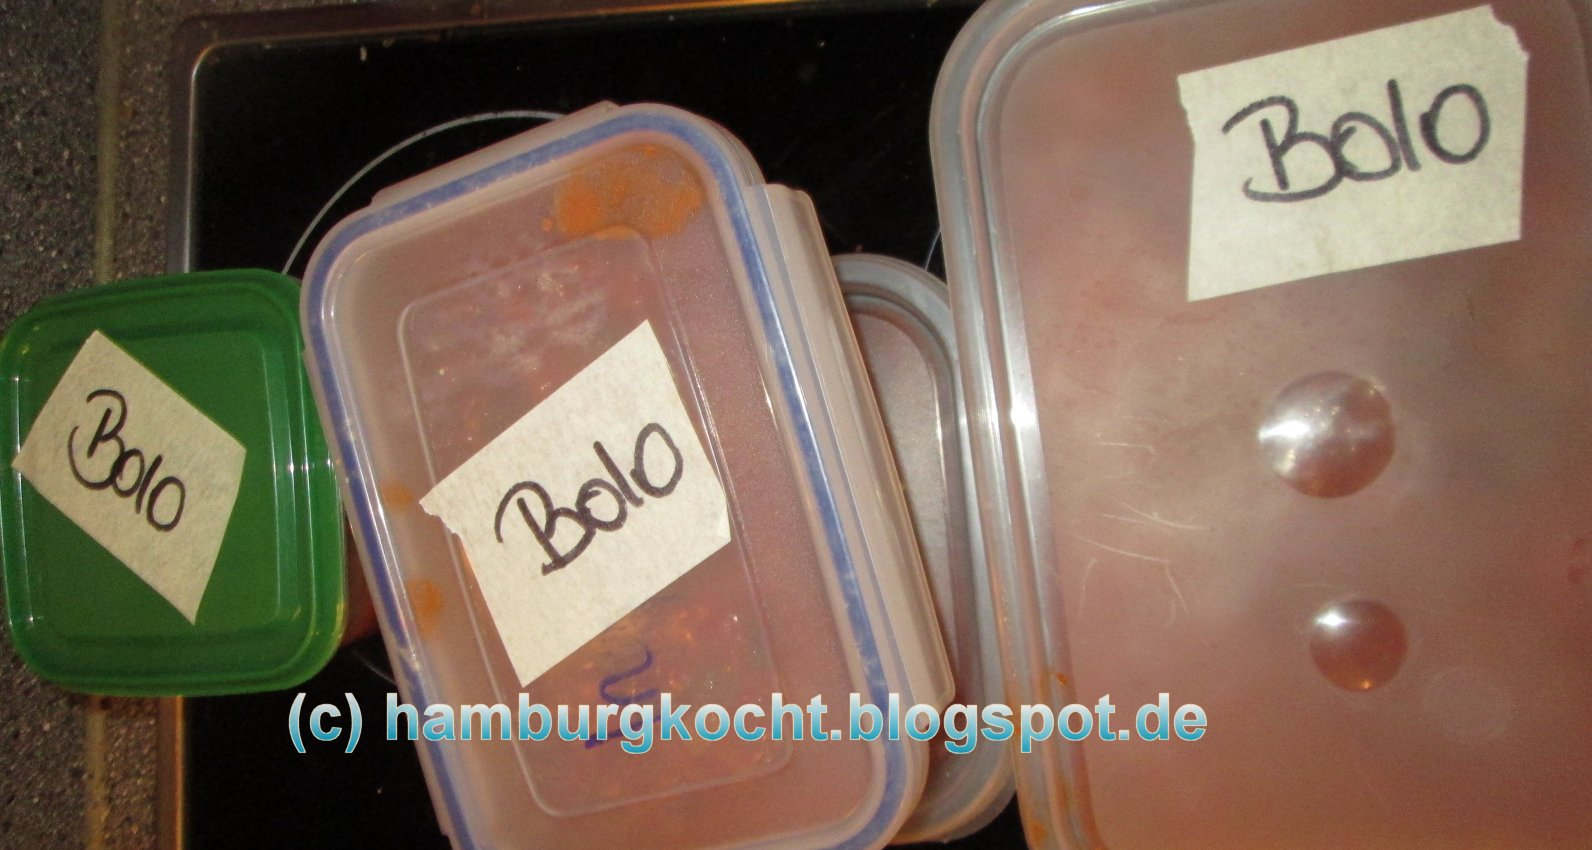 Hamburg kocht!: Küchenhelfer: Malerkrepp